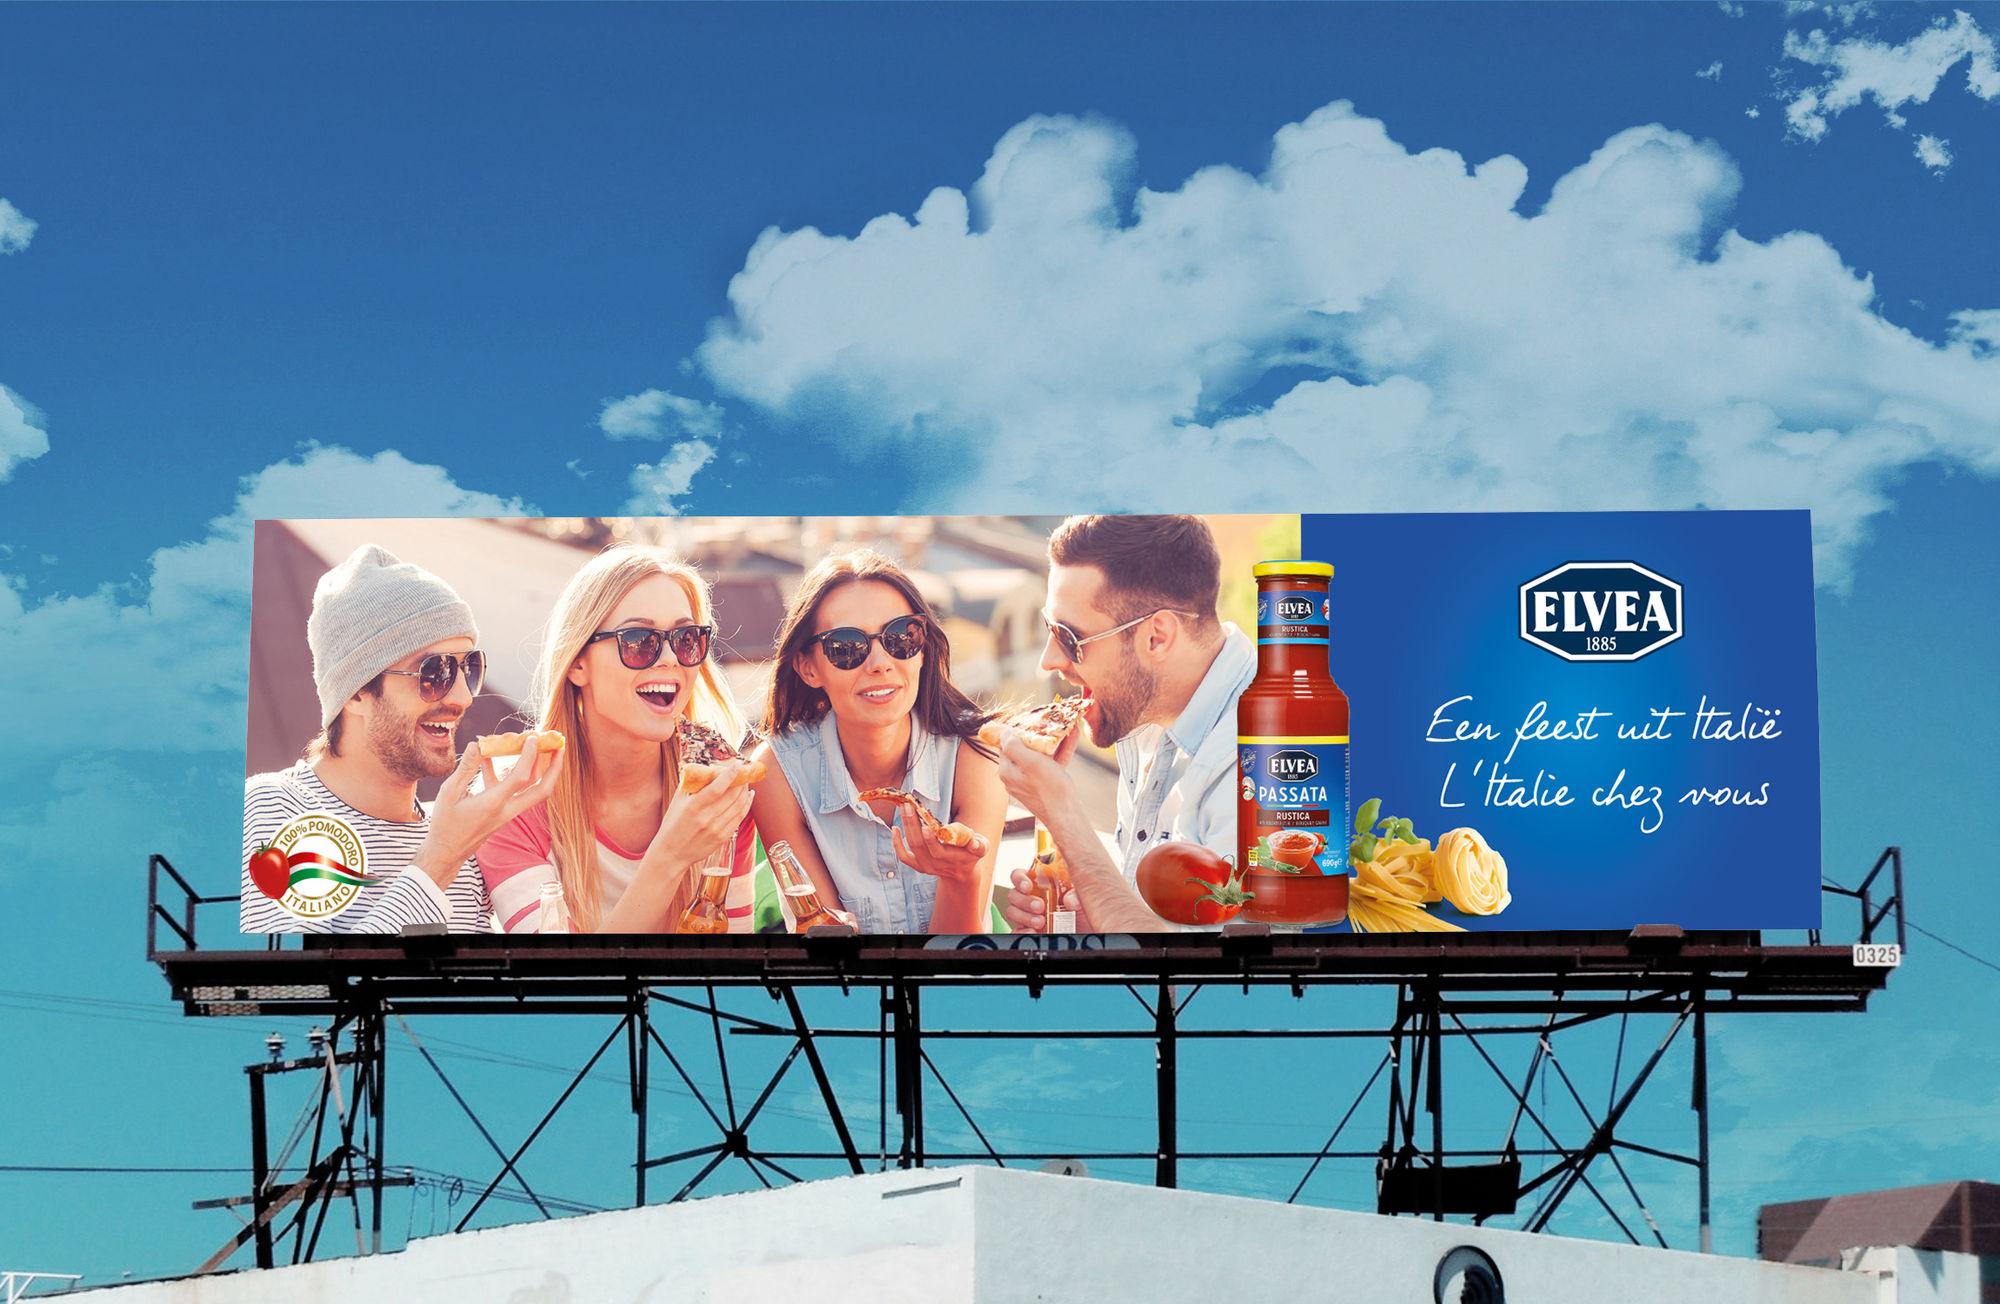 Elvea, enjoy Italy